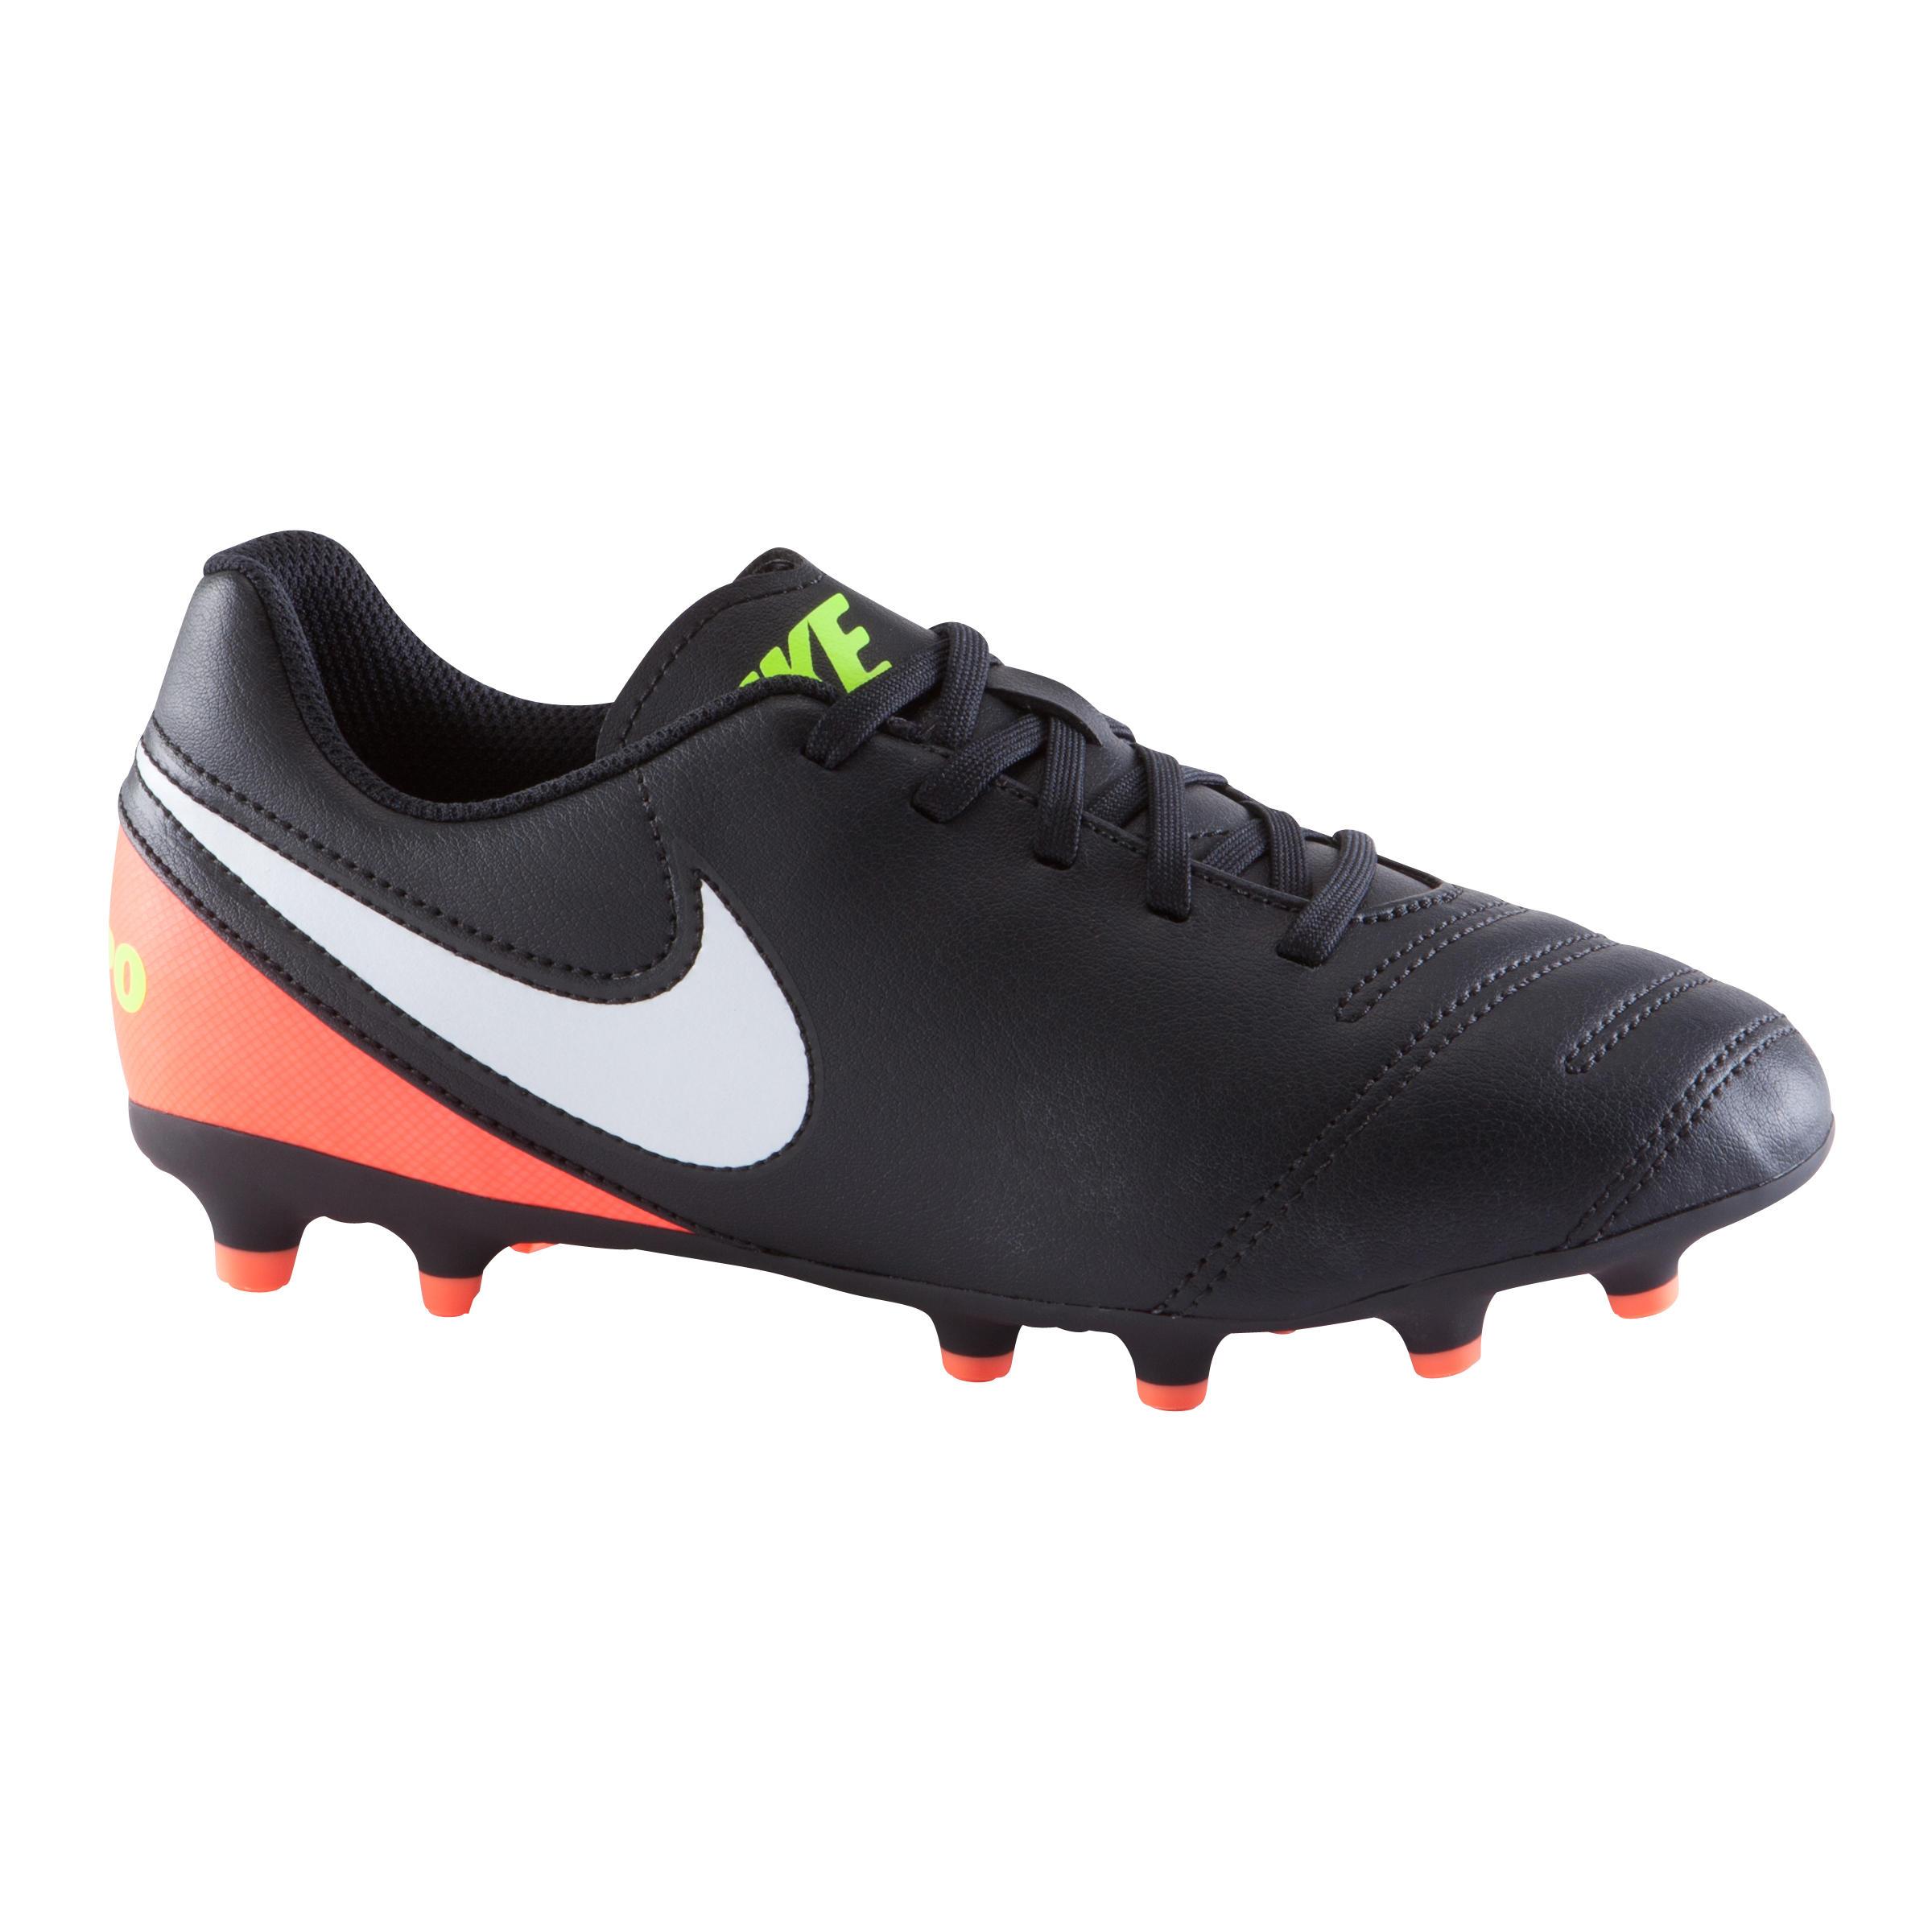 Nike Voetbalschoenen Tiempo Rio FG voor kinderen zwart